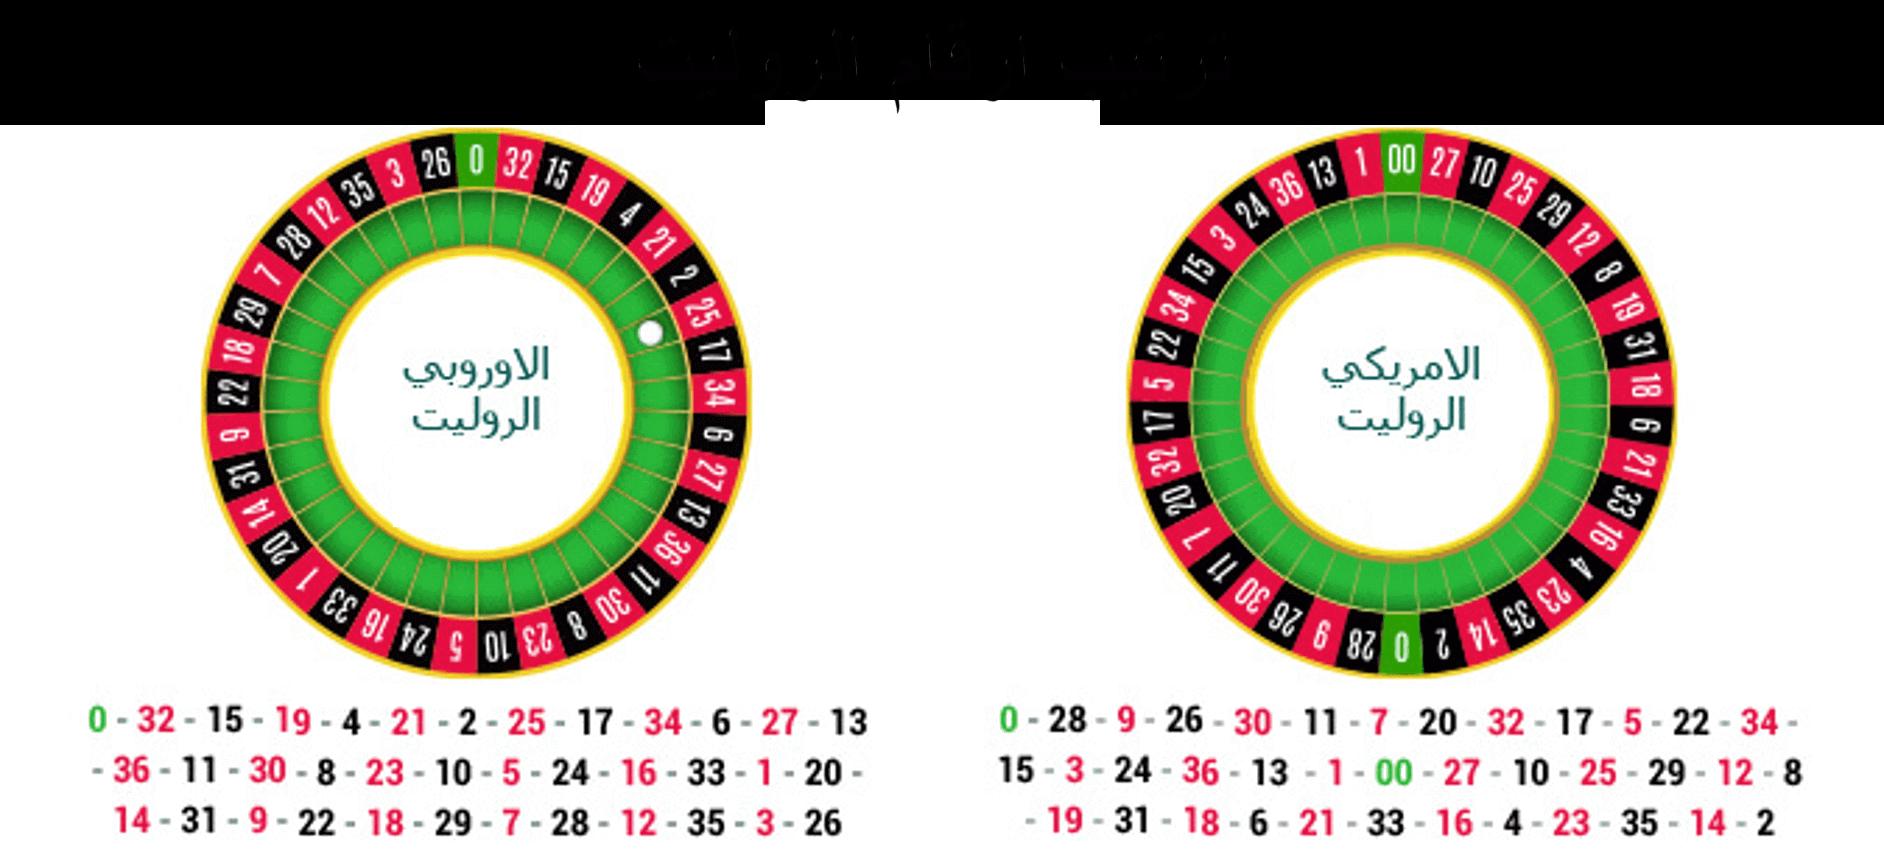 نقاط تمنحك الفوز - 14104